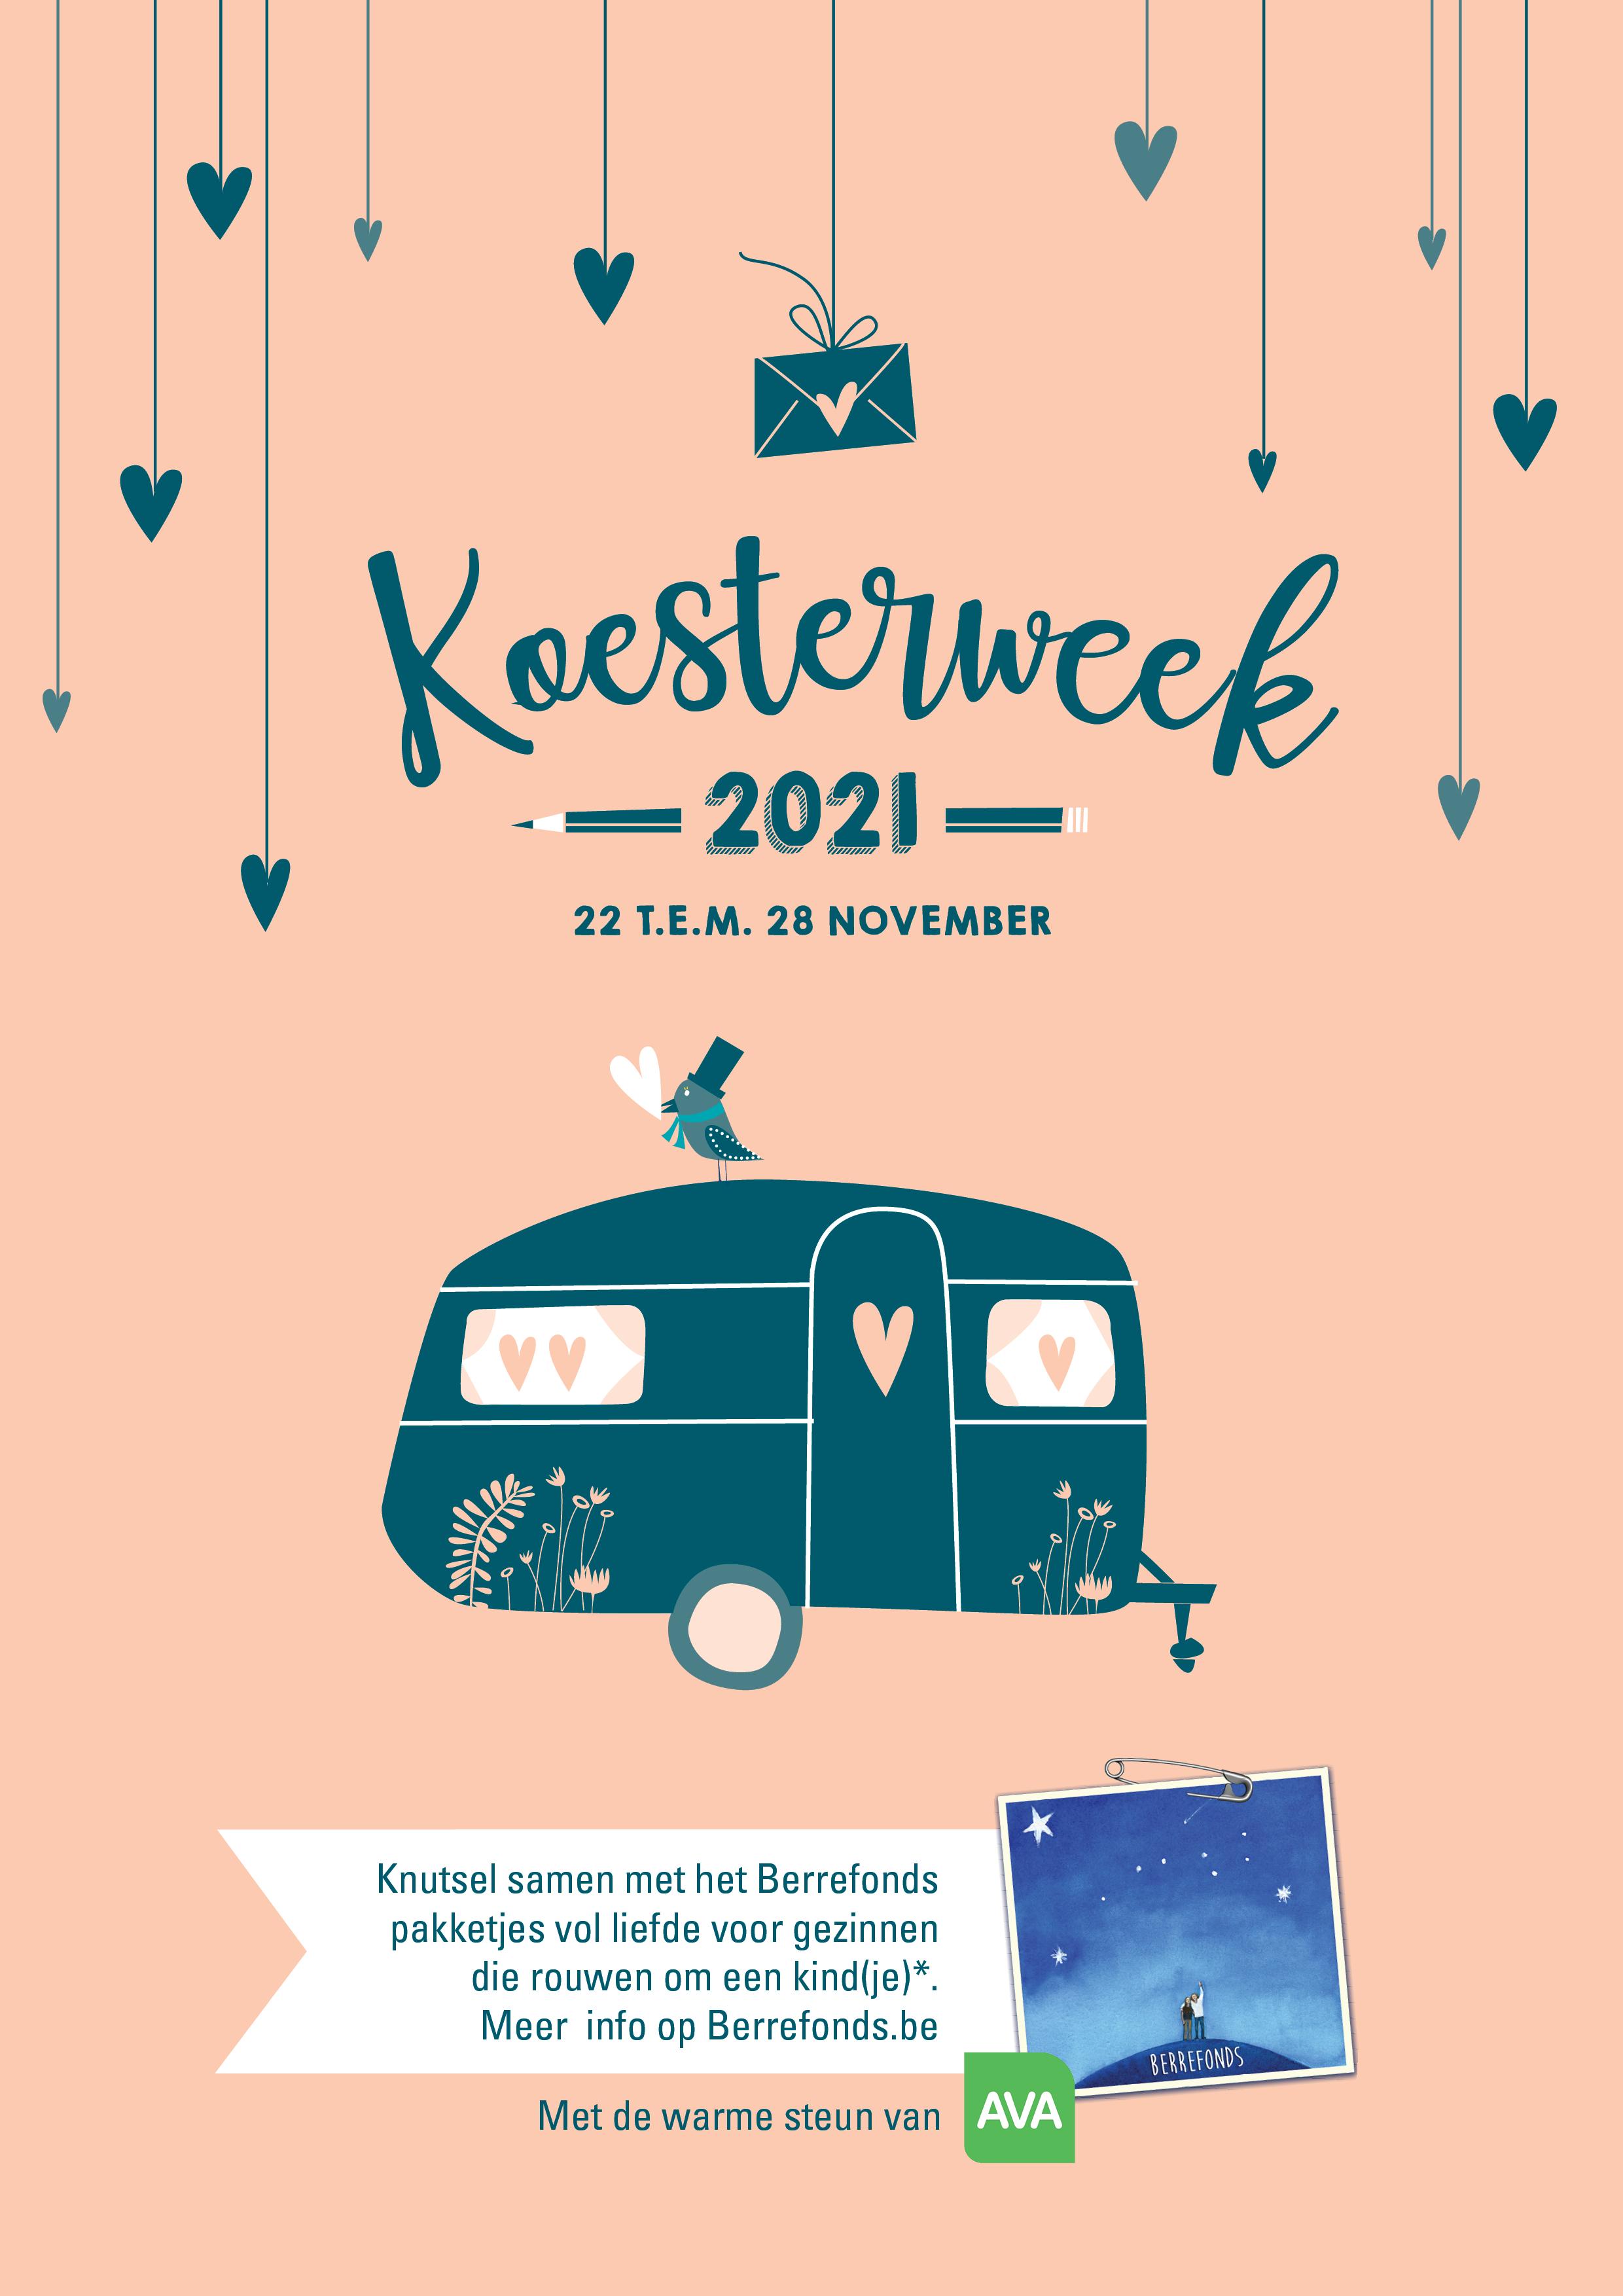 Koesterweek 2021